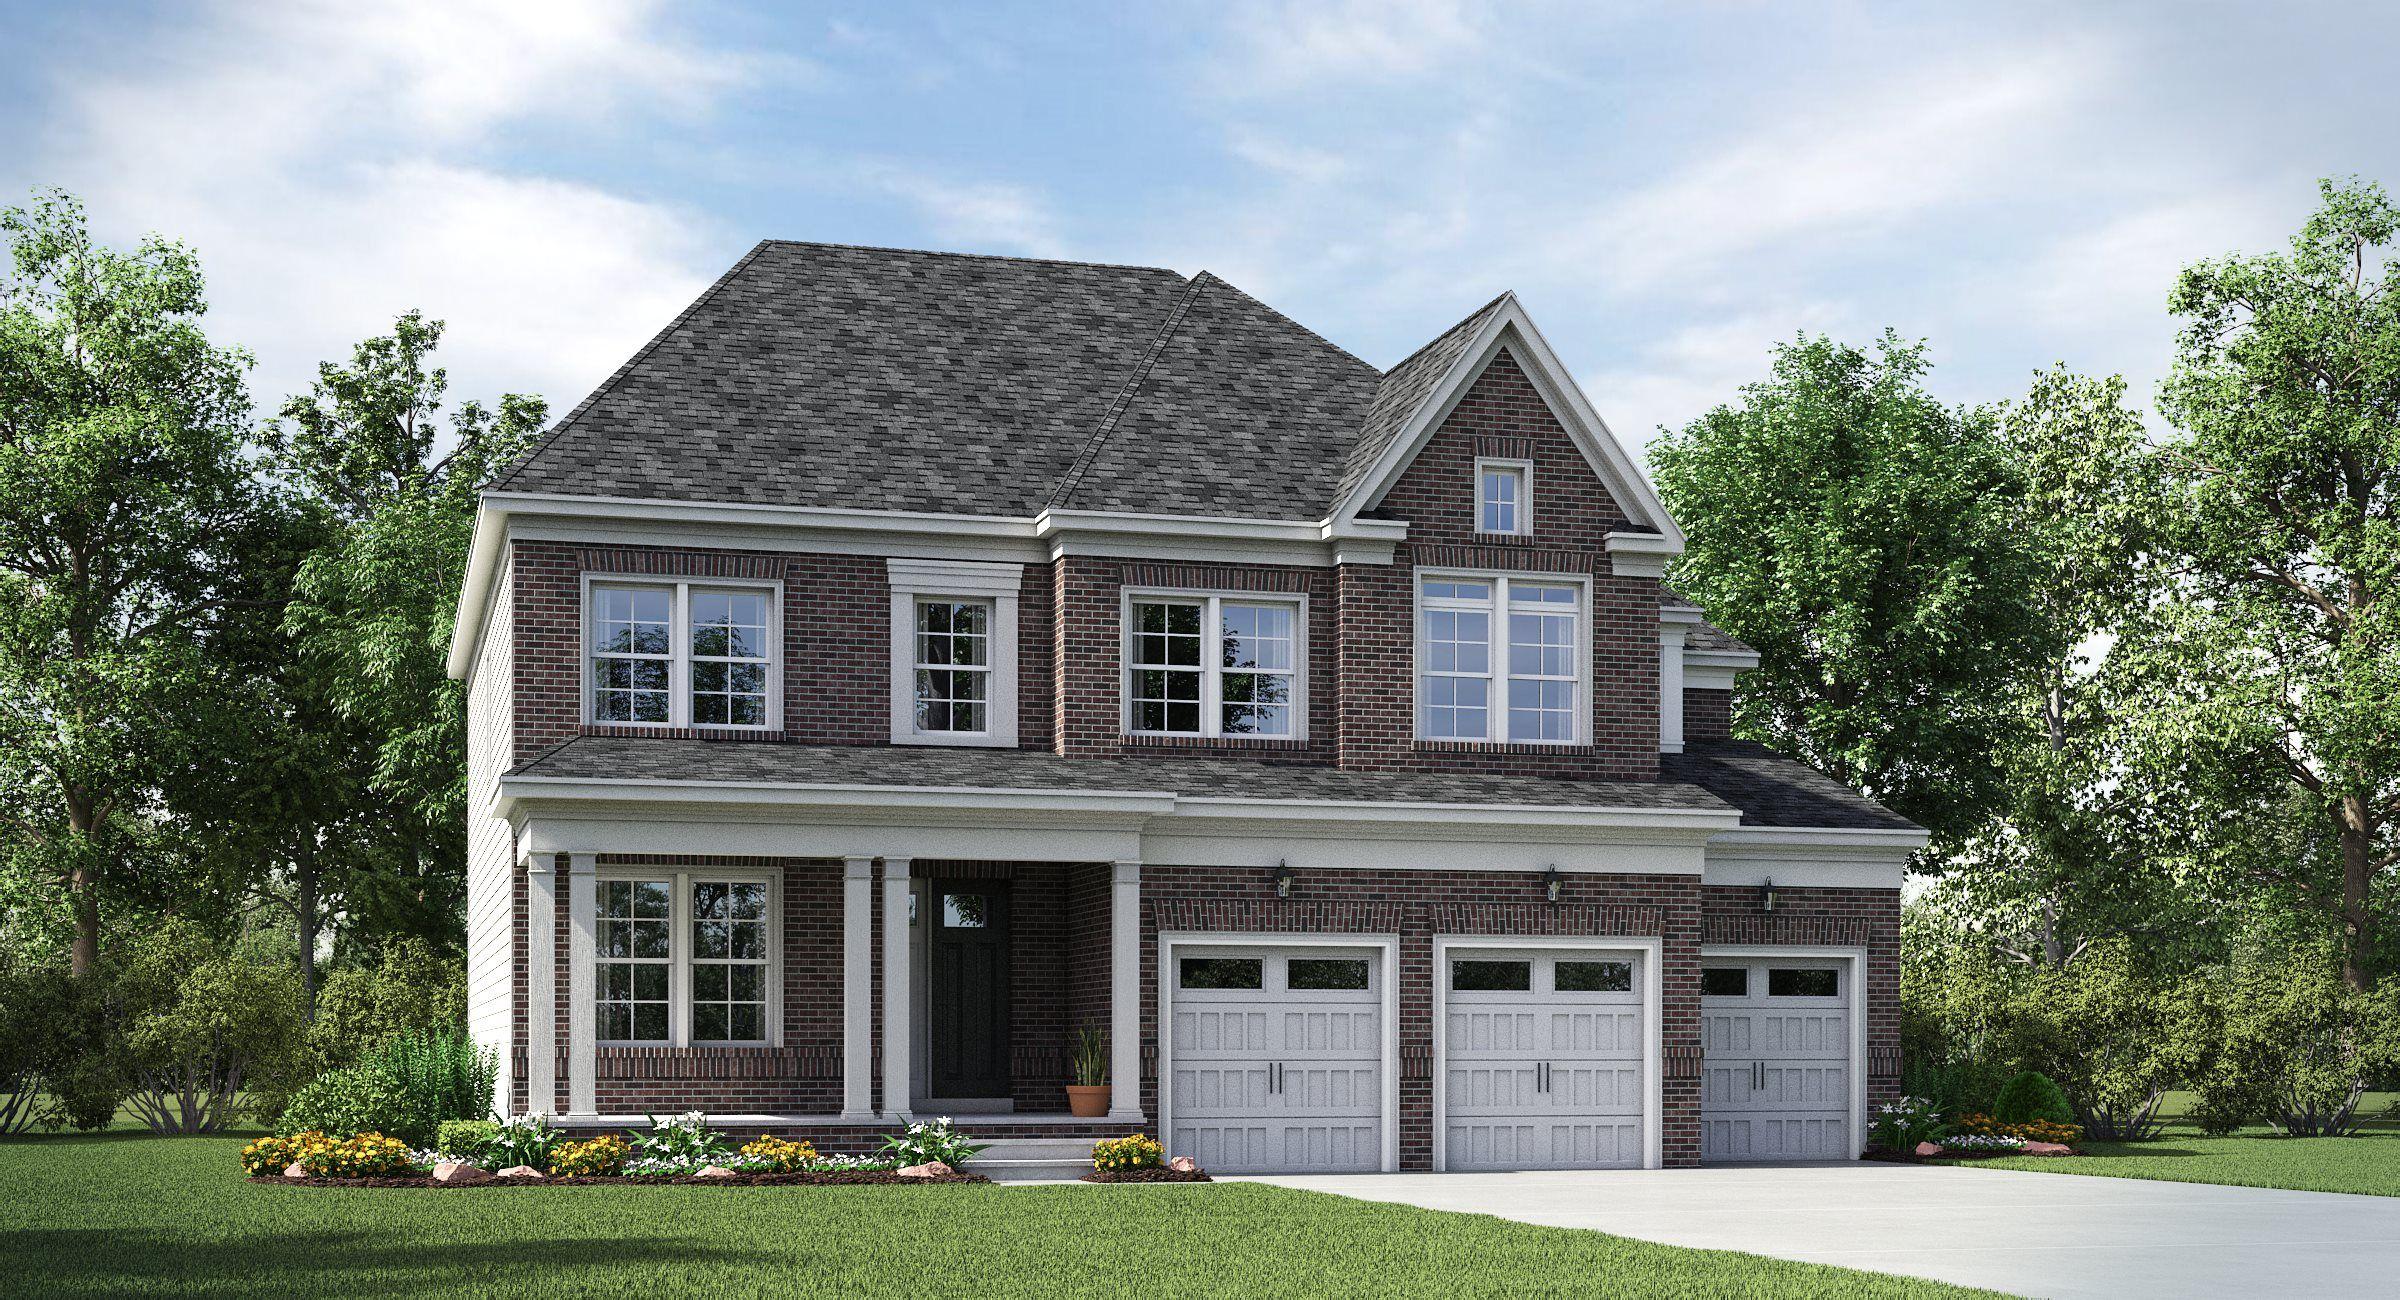 单亲家庭 为 销售 在 Macarthur 19876 Bodmer Avenue Poolesville, Maryland 20837 United States